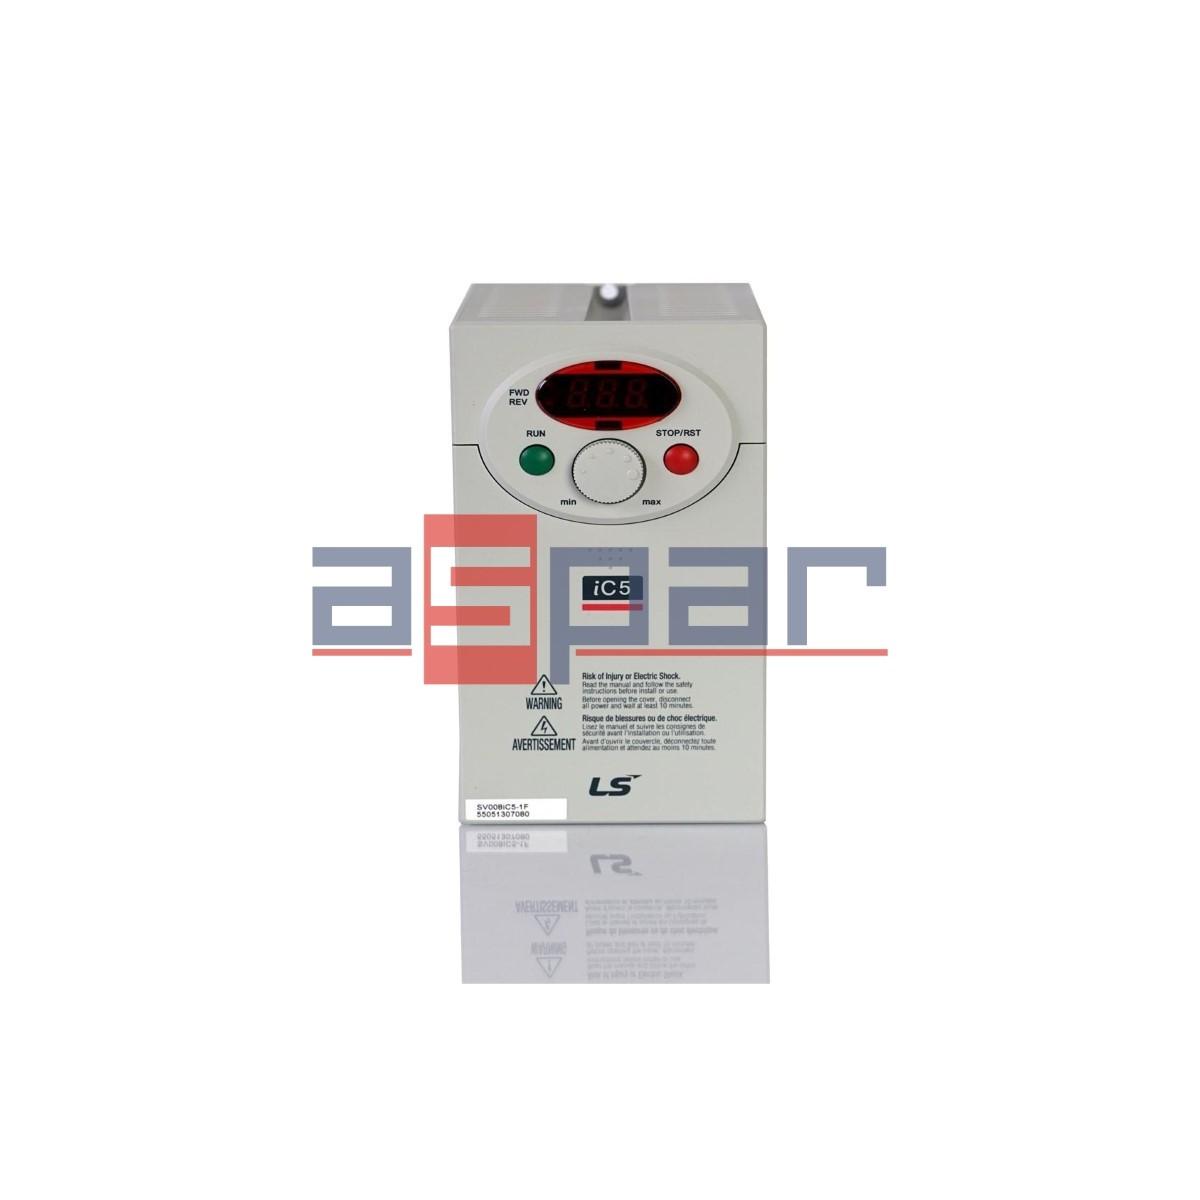 SV004iC5-1F - 0,4kW